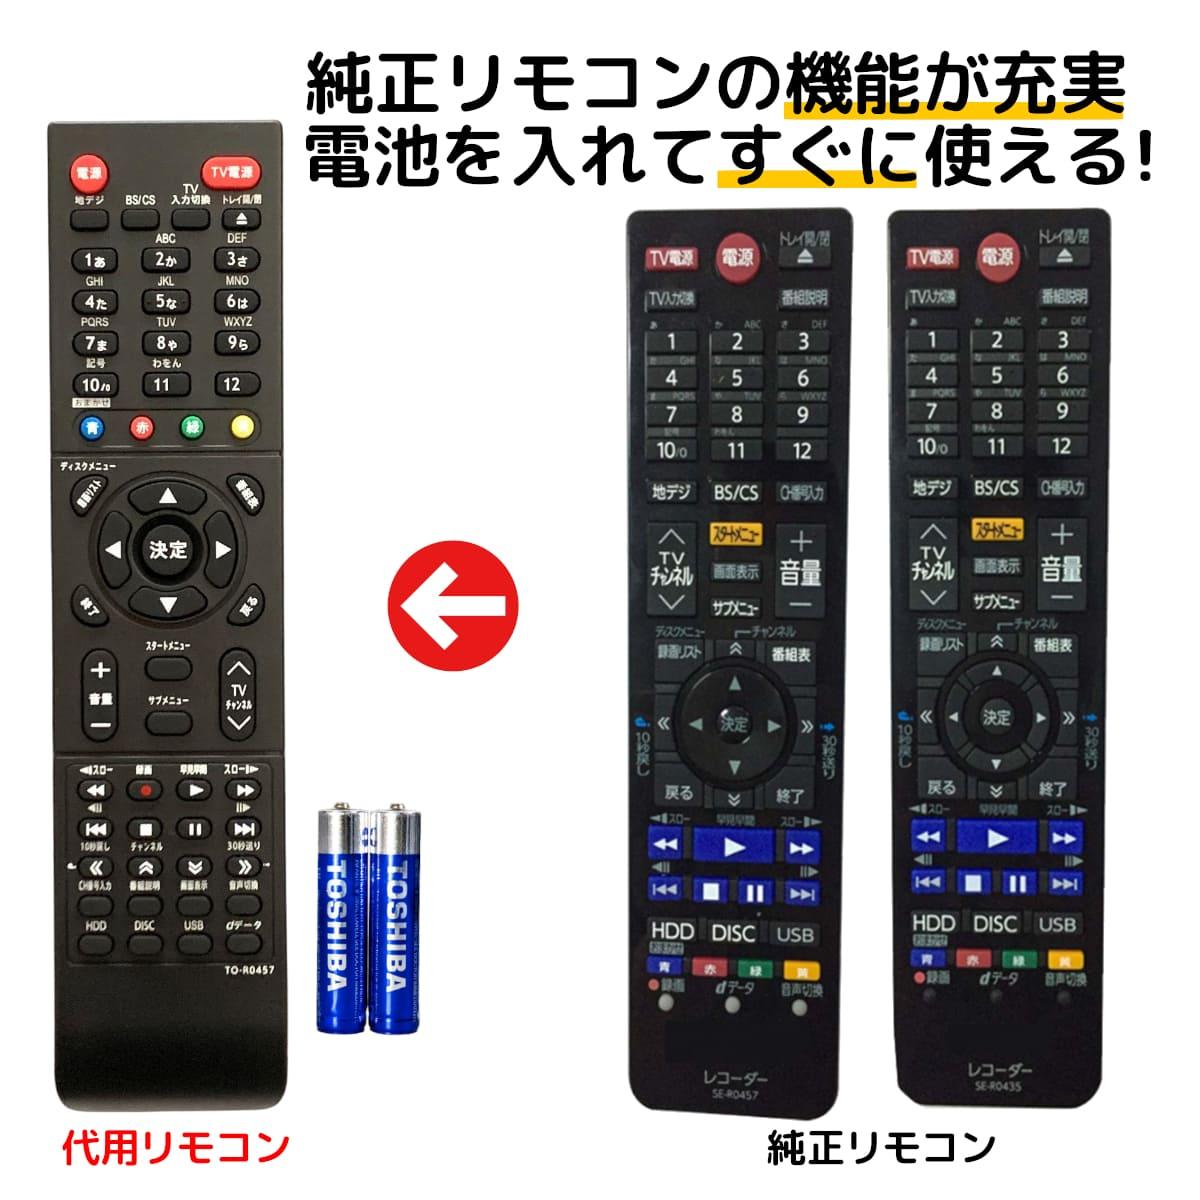 純正品よりお安く純正の機能がそのまま使えます 東芝 レグザ ブルーレイ リモコン 電池付き SE-R0457 リスタ ストアー SE-R0435 代用リモコン 税込 TOSHIBA REGZA